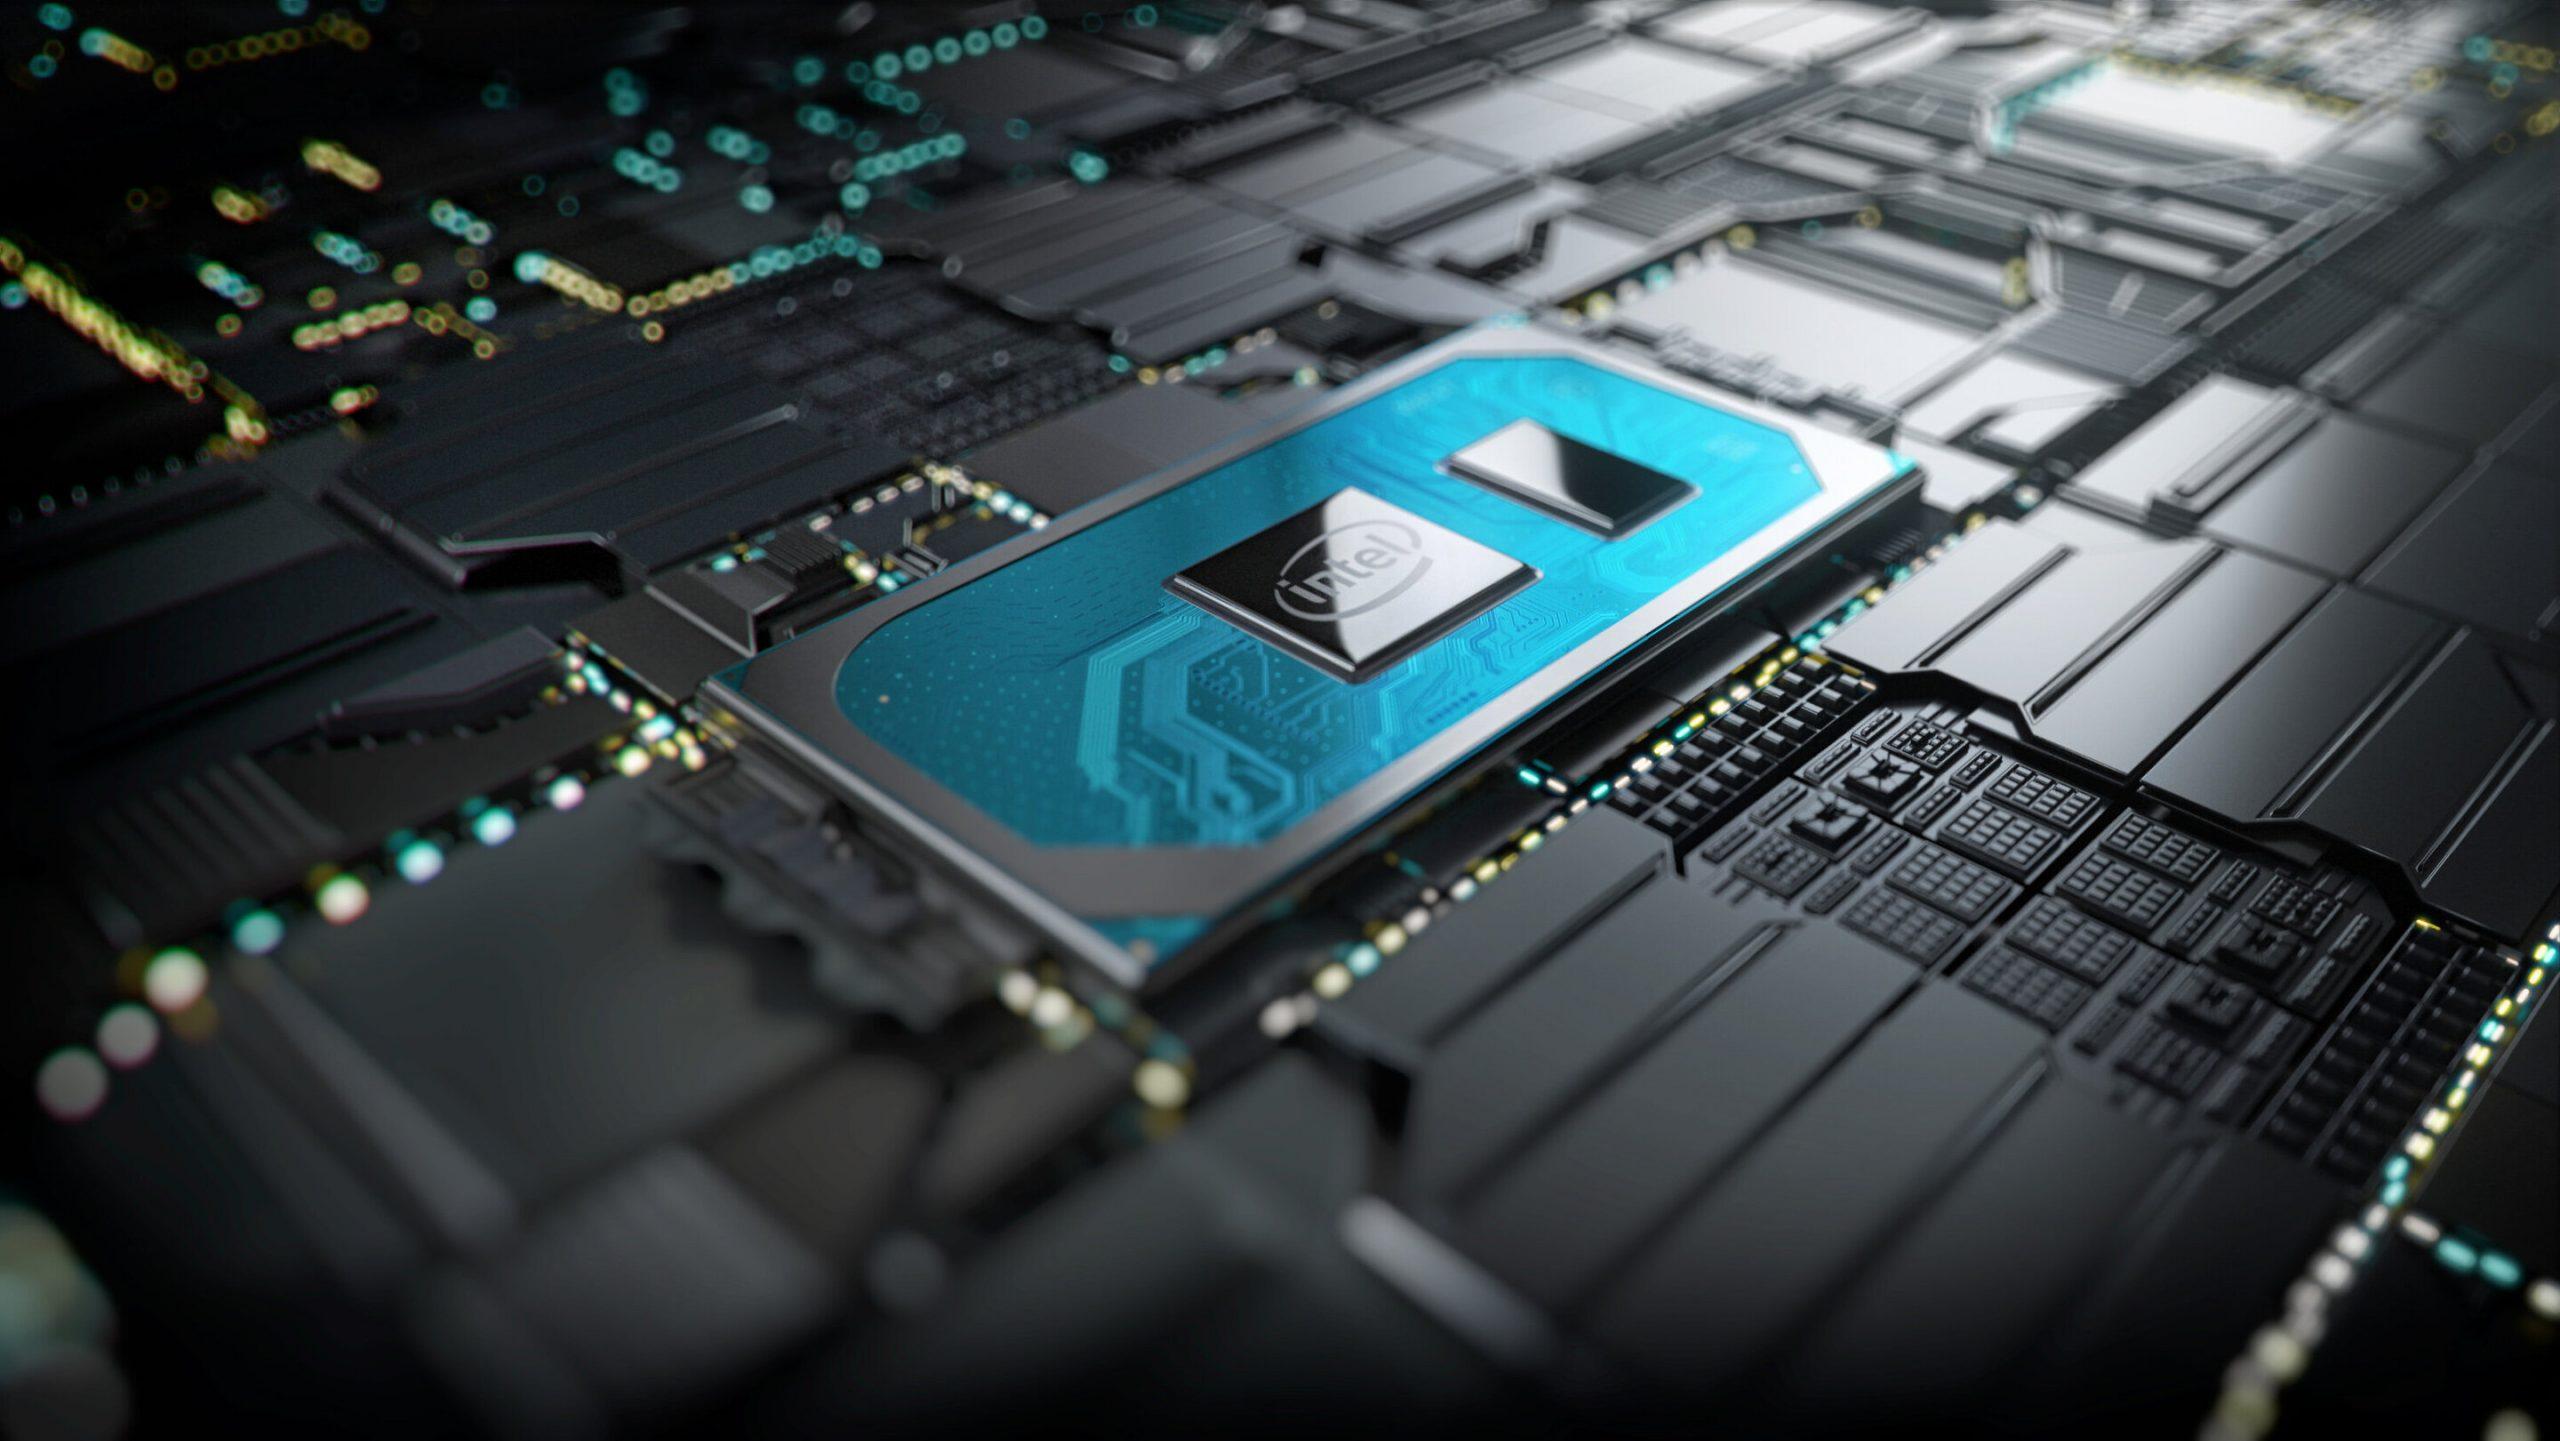 Asus ExperBook B1500 je poháněný mobilním procesorem Intel Core i3-1135G7 o taktu až 4,2 GHz